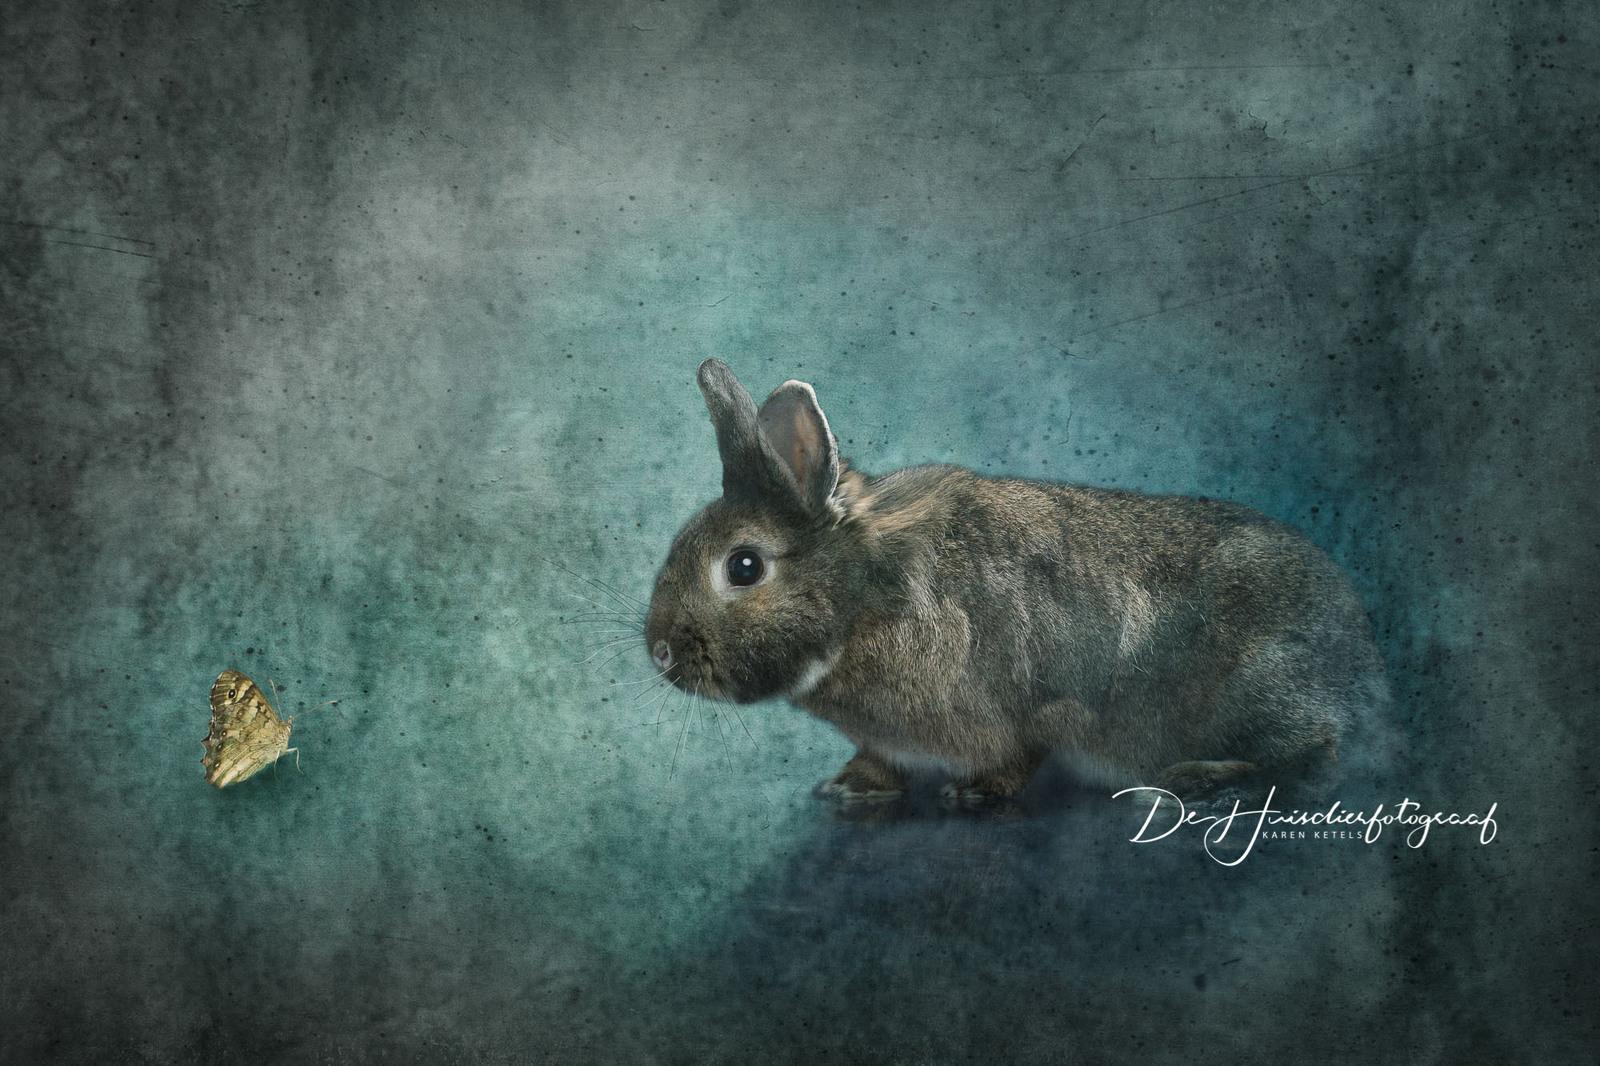 Fine-art-portret van een konijn dat naar een een vlindertje staart. Portret door De Huisdierfotograaf Karen Ketels